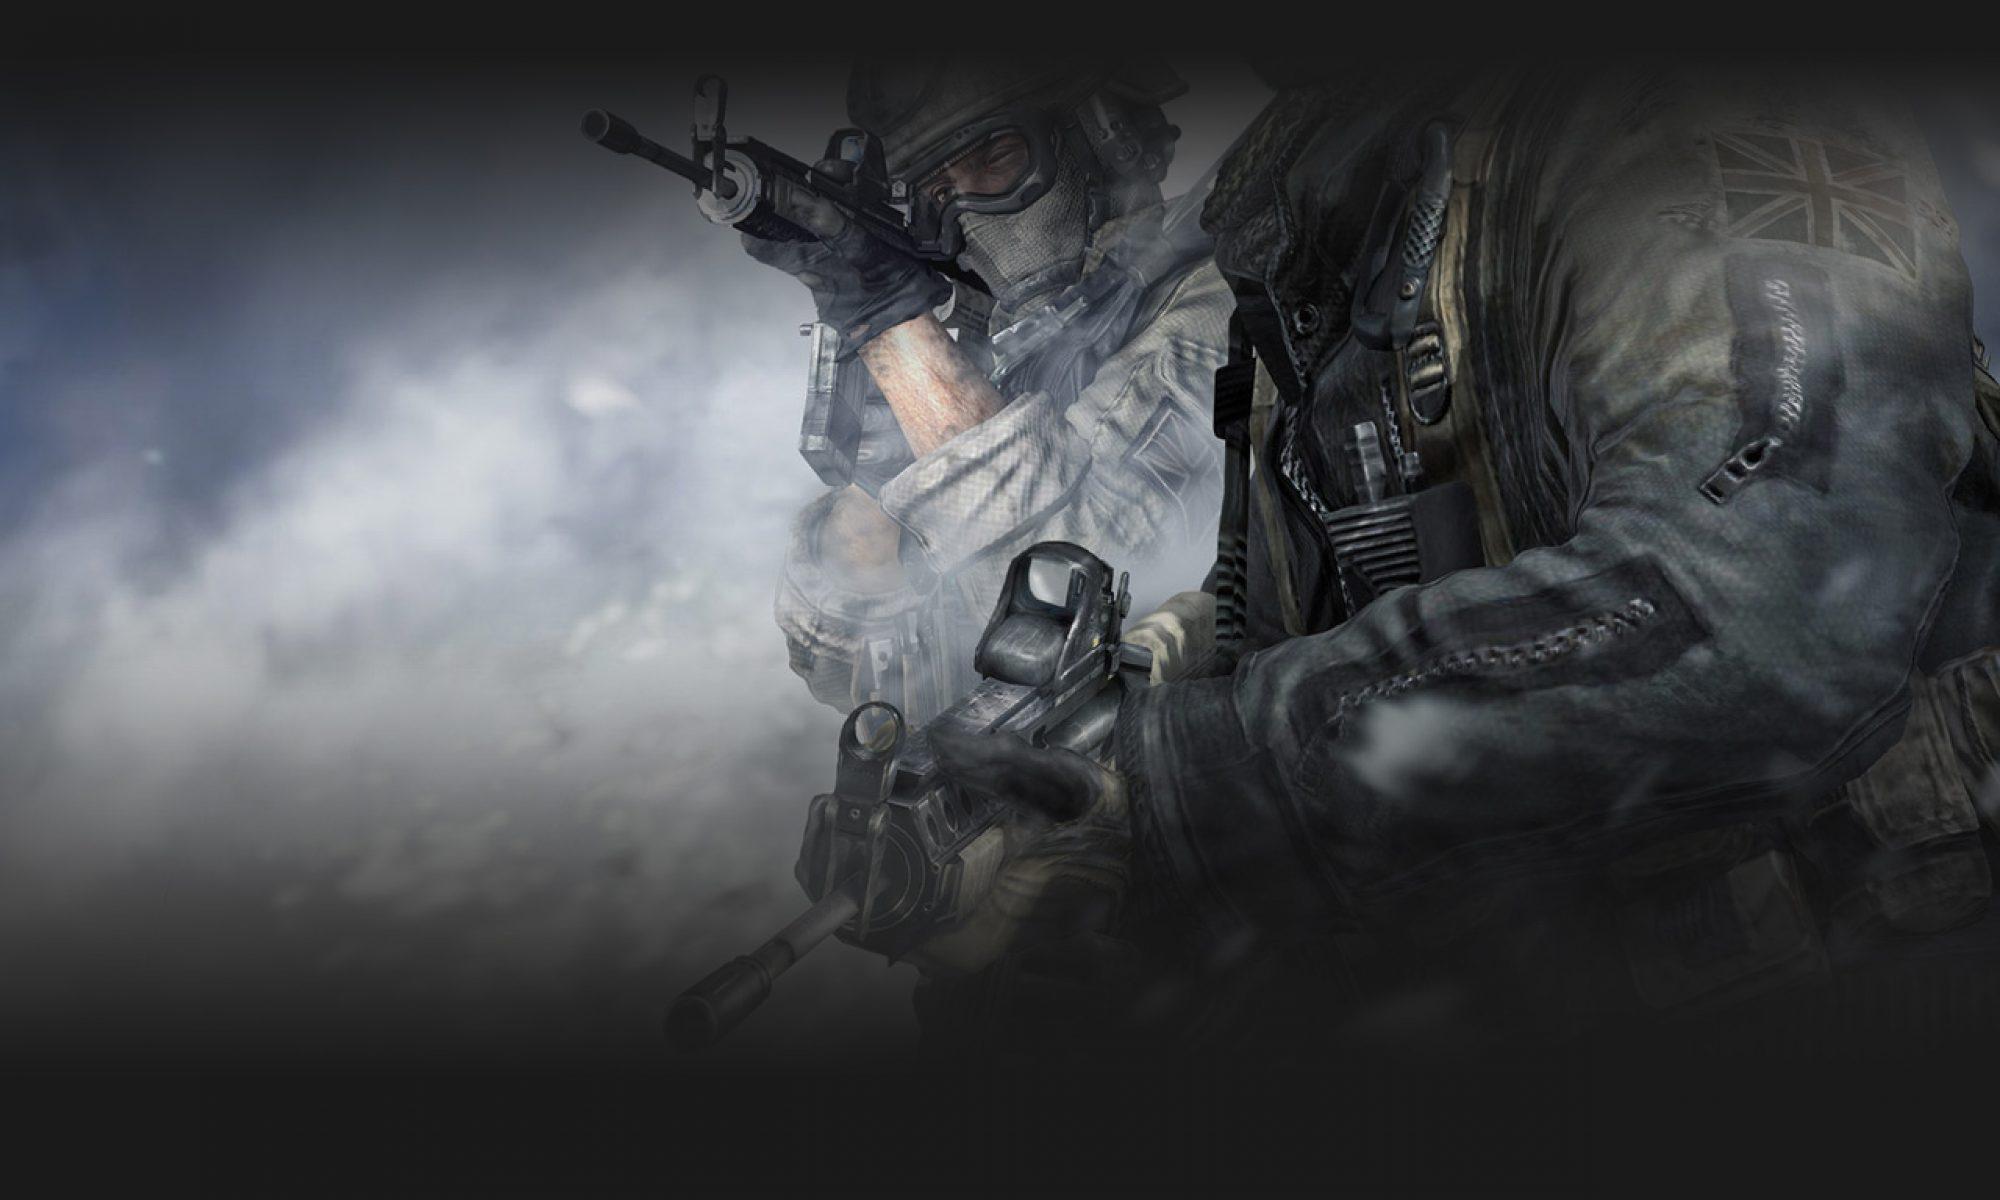 |MGC| Gaming